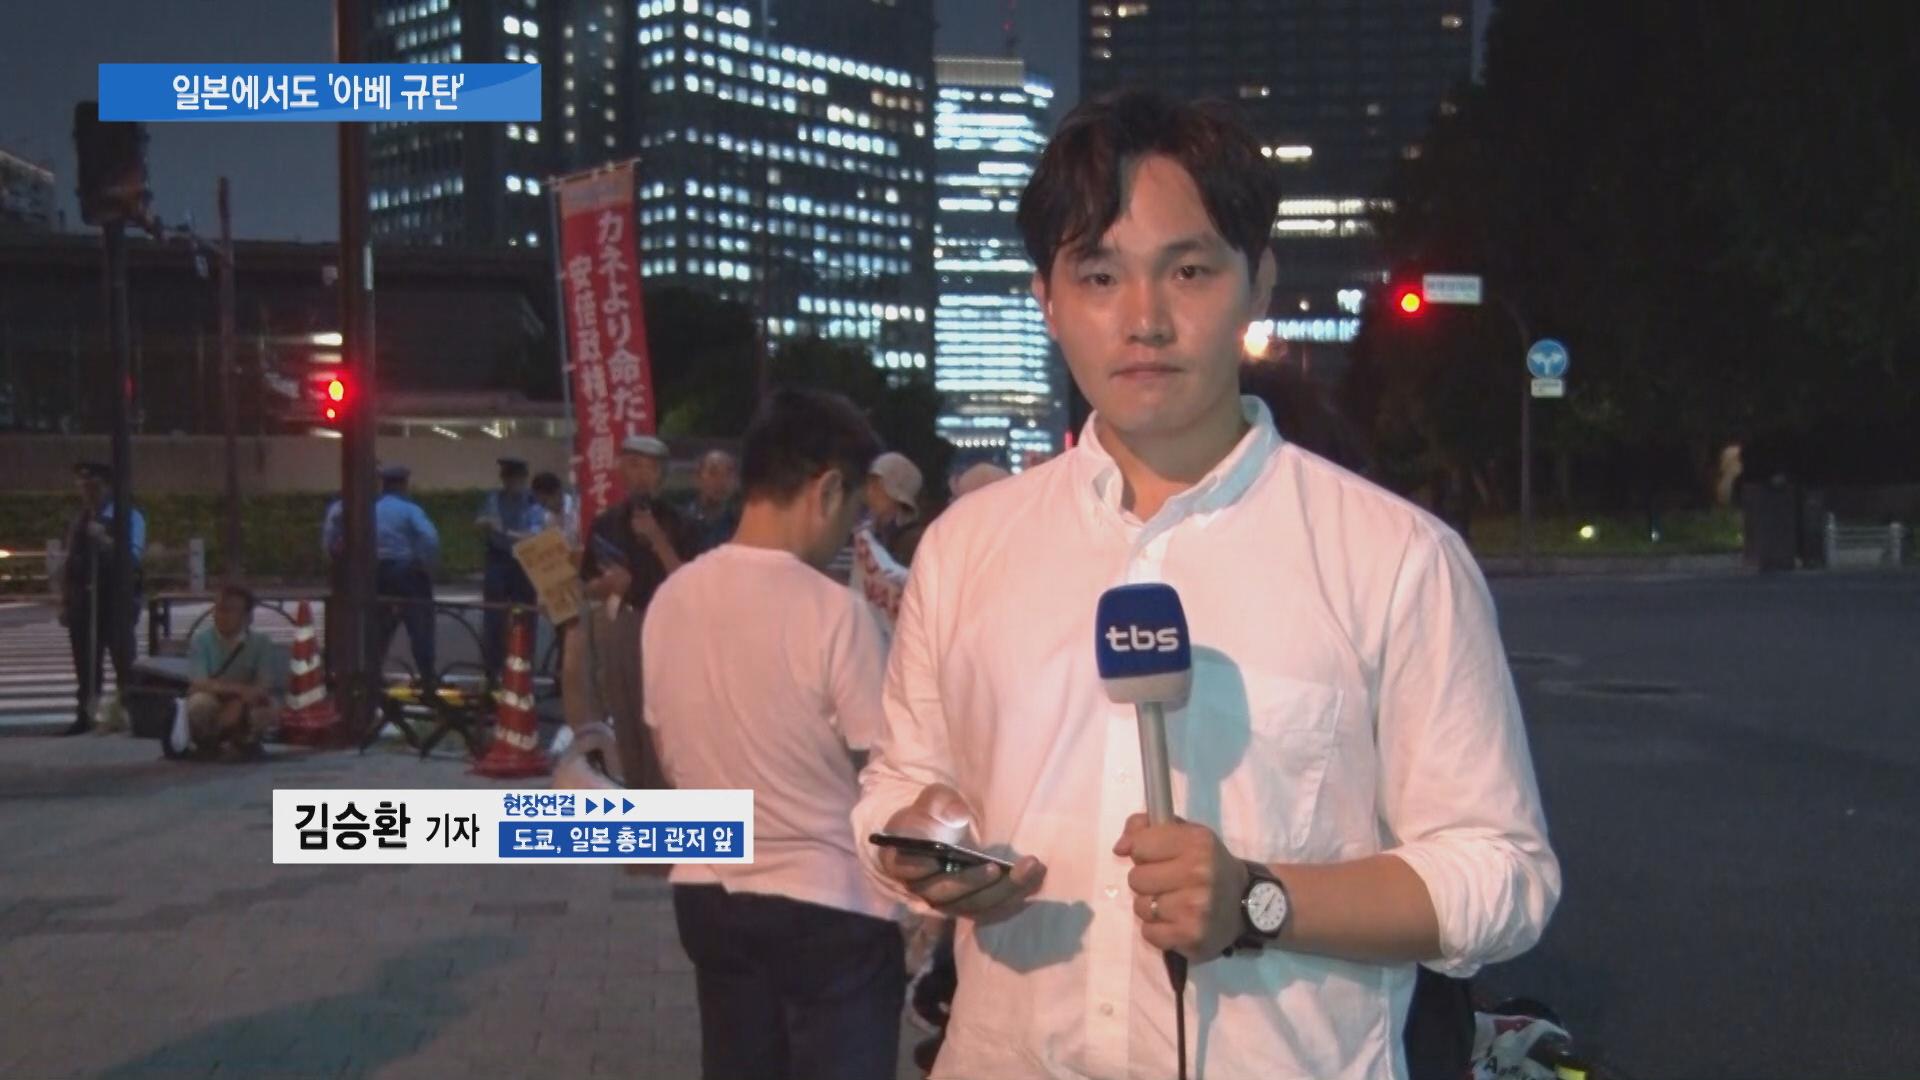 """일본인도 """"아베 규탄""""...태풍에도 집회 지속_네트워크7"""